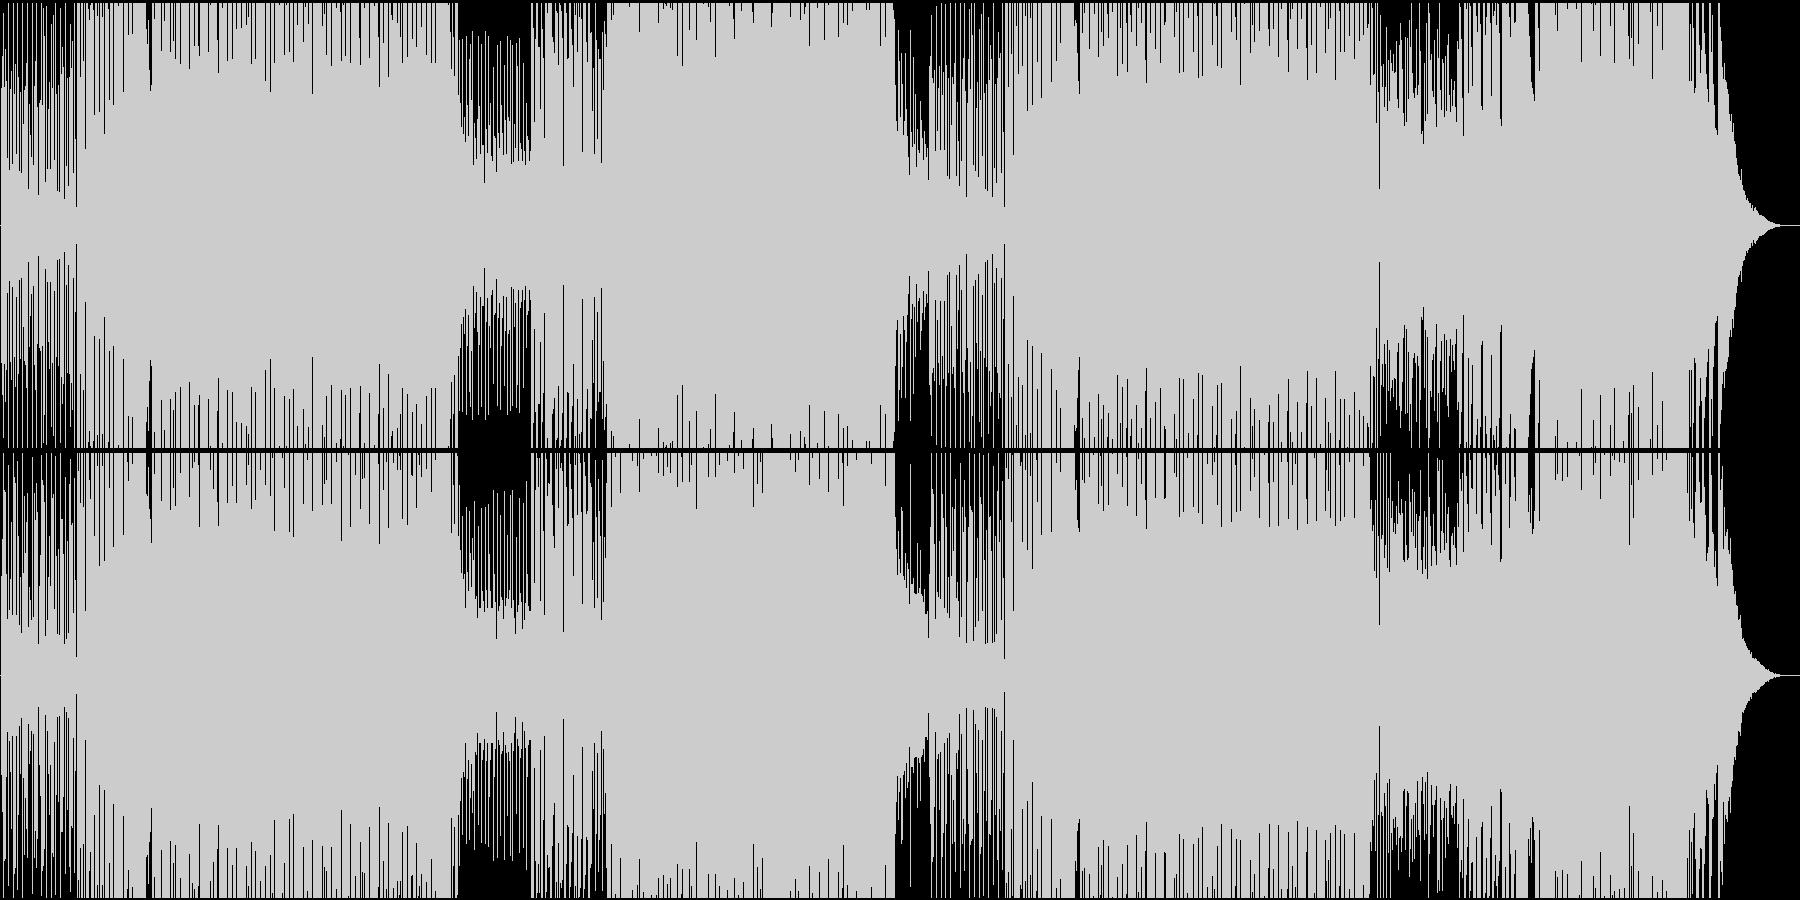 映像用速いシーケンスが気持ちいEDMの未再生の波形